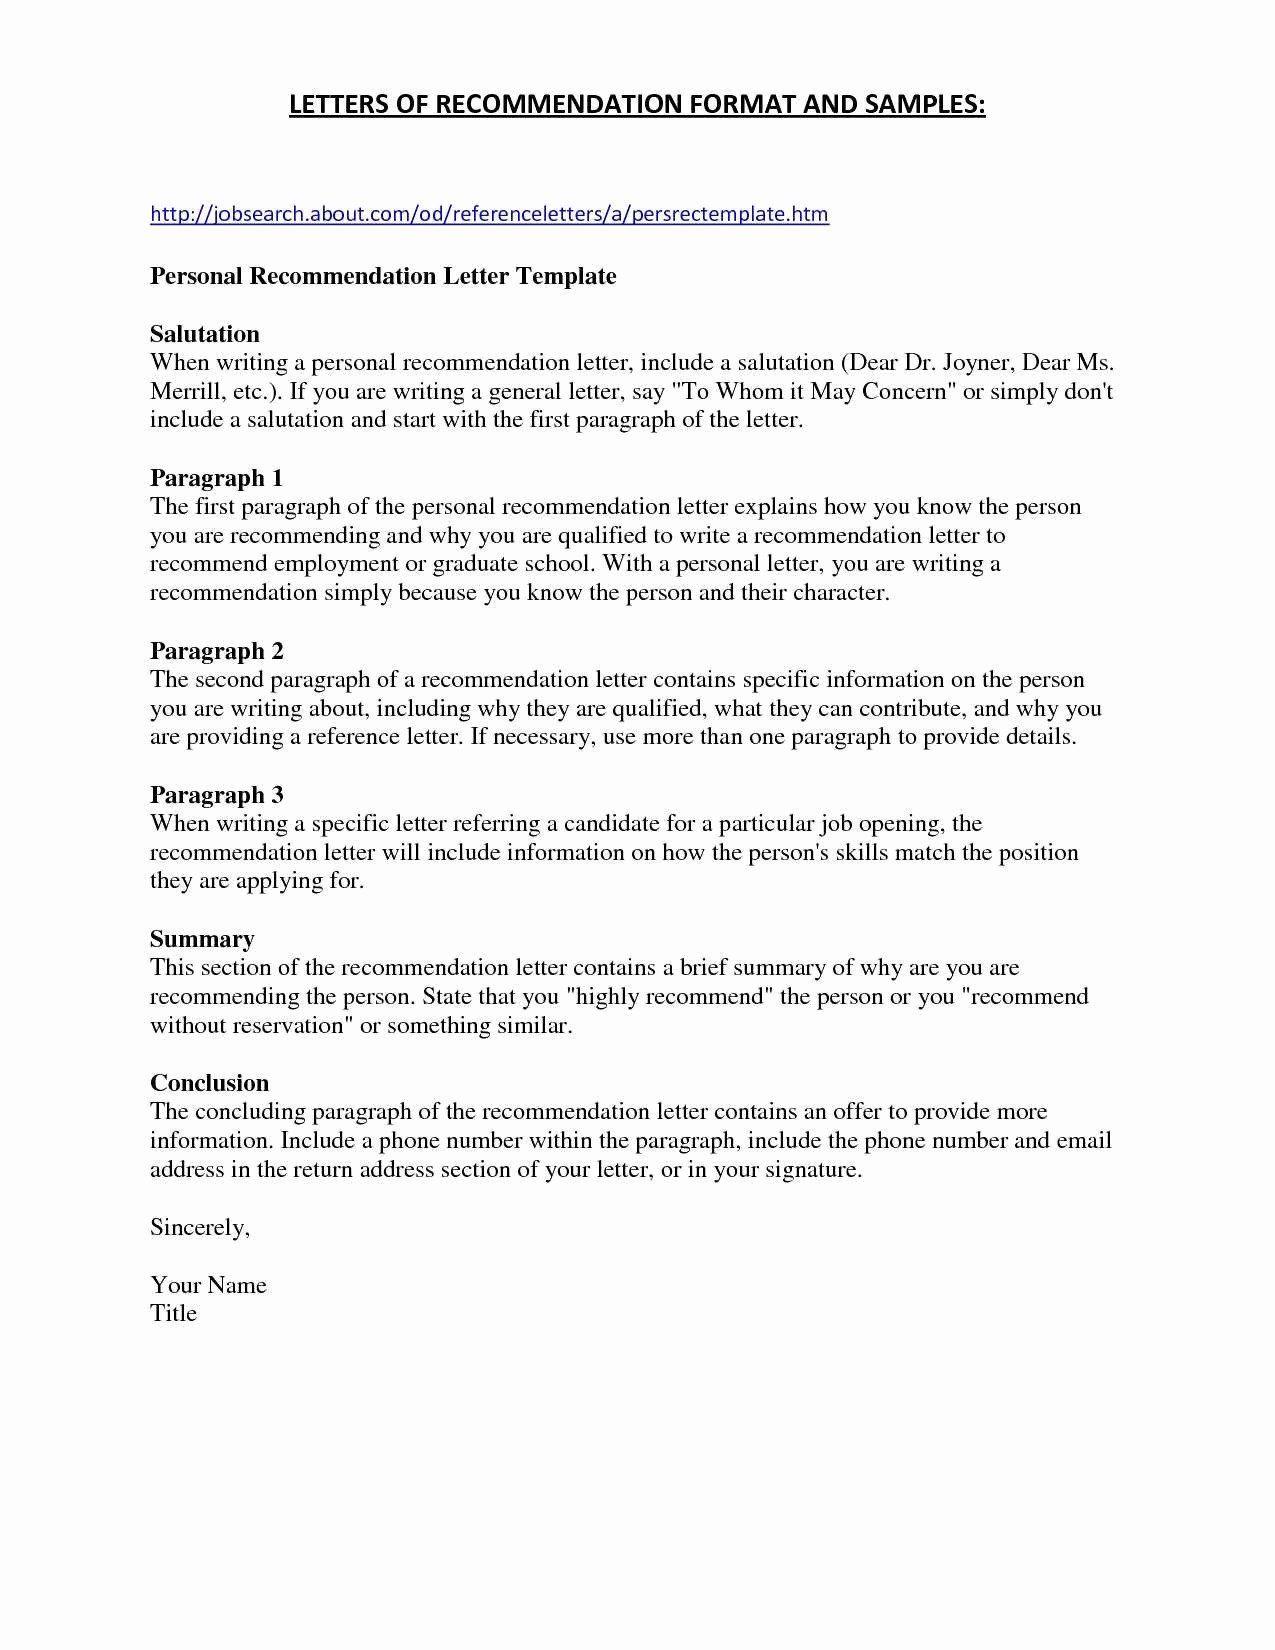 Computer Science Objective Resume Unique 9 Puter Science Cover Letter Interns Exemple De Lettre De Motivation Cv Lettre De Motivation Exemple Lettre Motivation